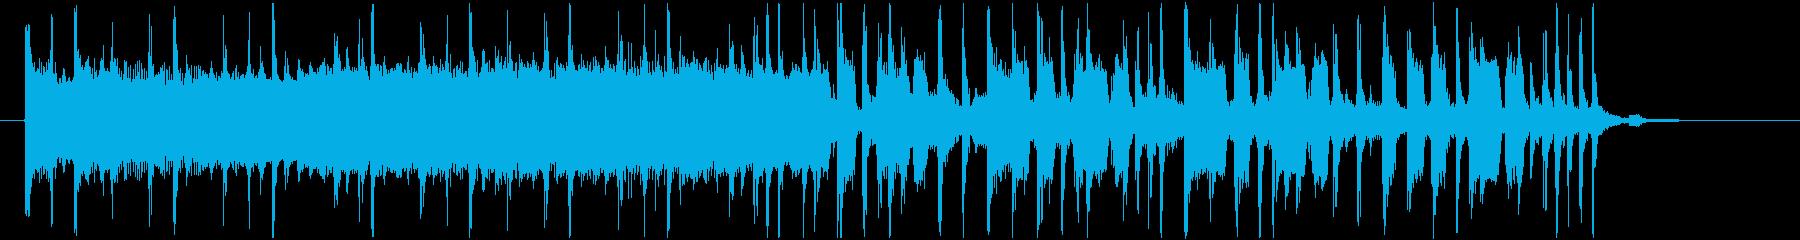 ラジオ等のジングルにR&B風綺麗オシャレの再生済みの波形